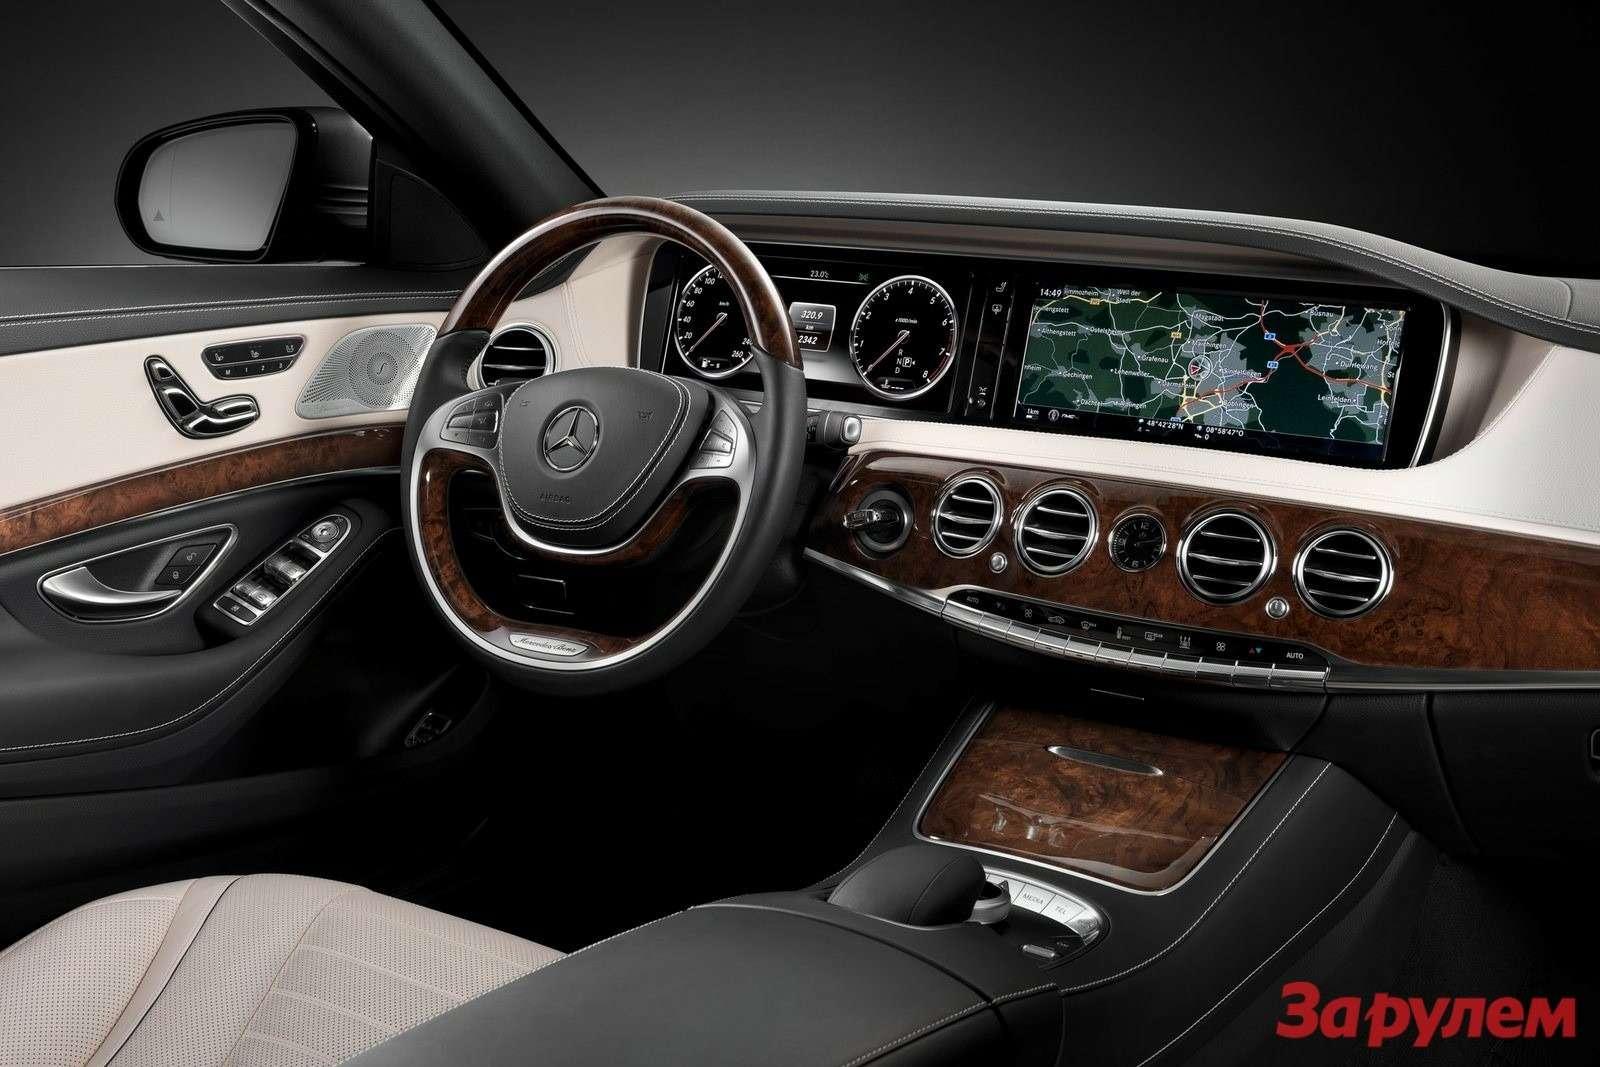 Mercedes Benz SClass 2014 1600x1200 wallpaper 29